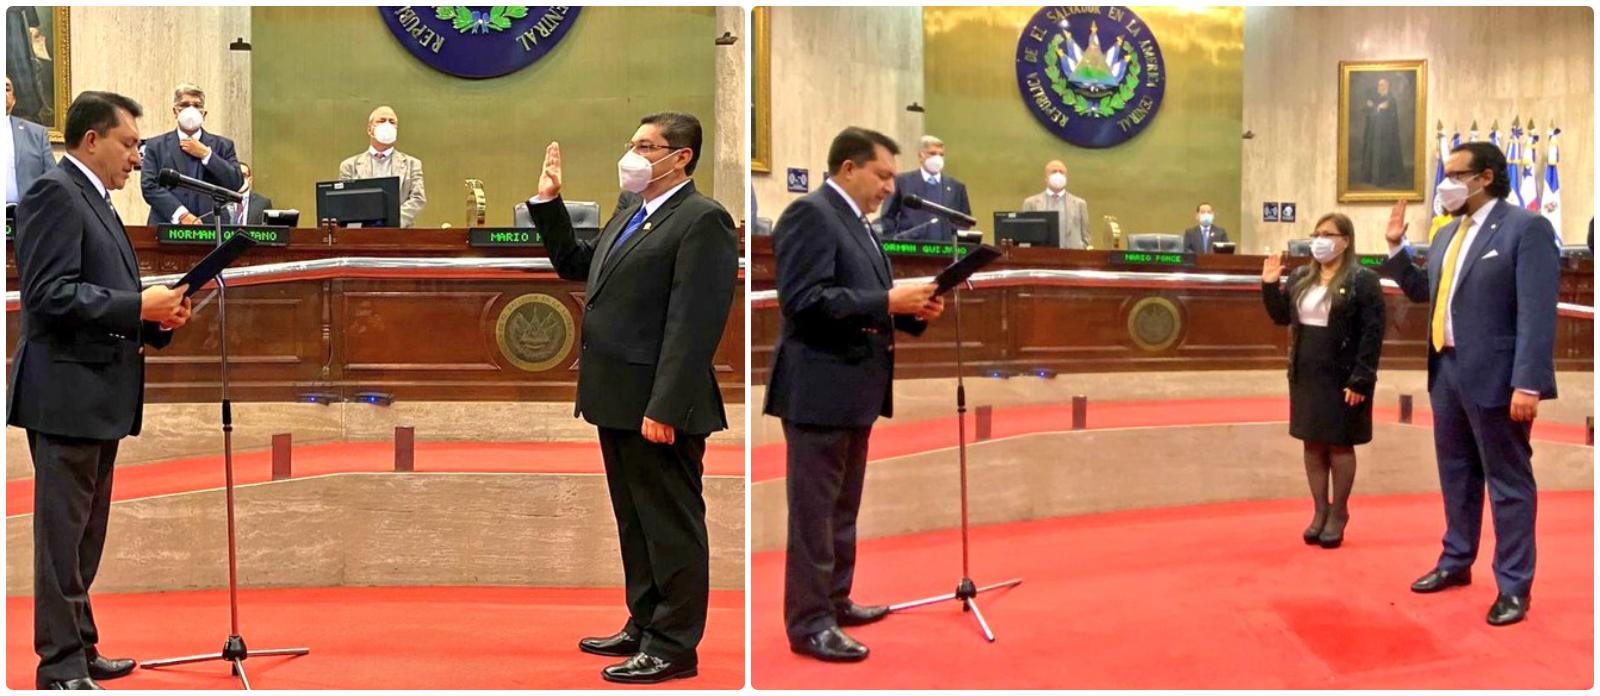 Eligen y juramentan a presidente y magistrados de la Corte de Cuentas de la República para el período 2020-2023